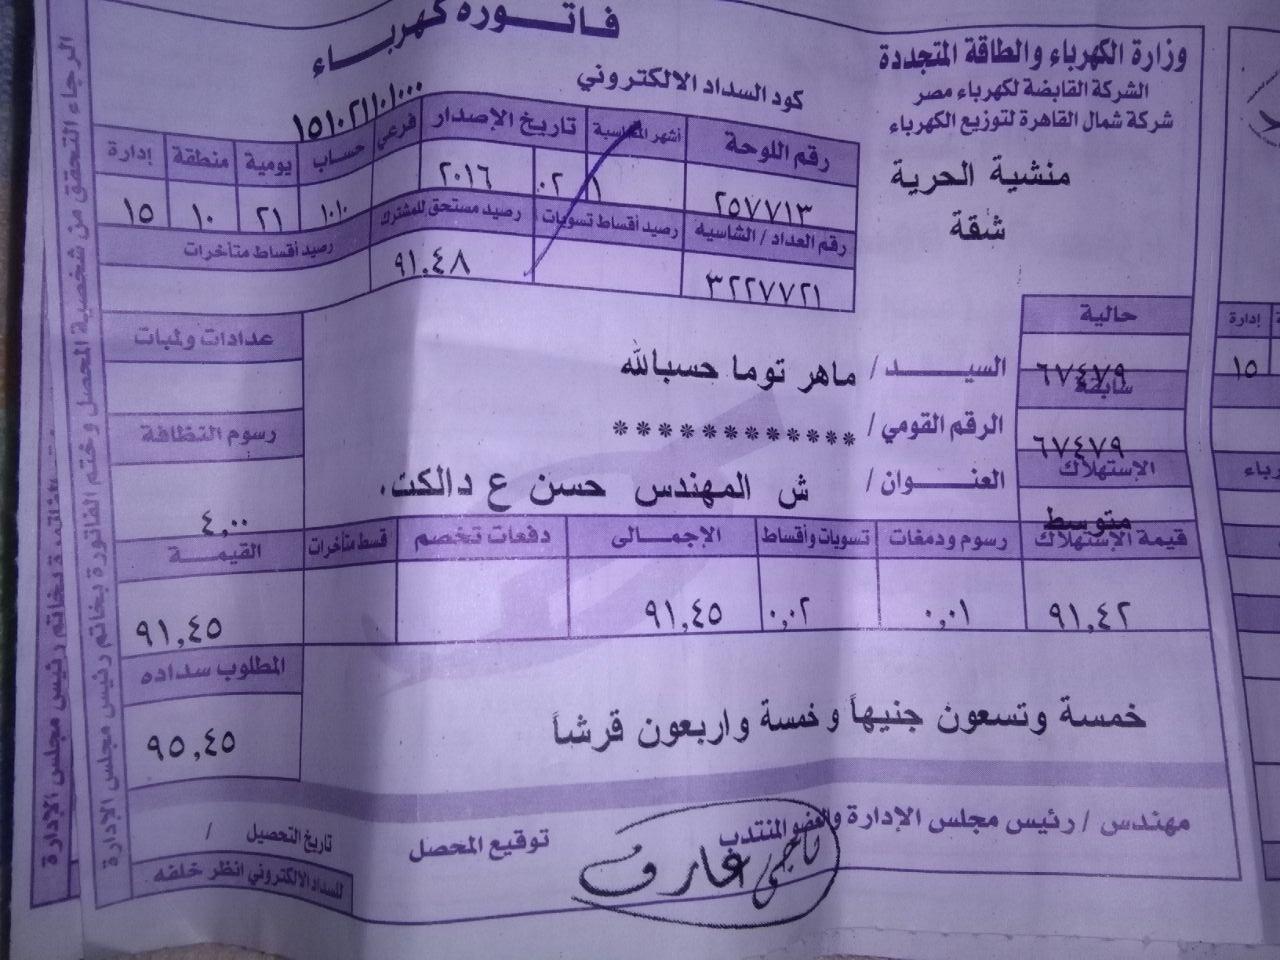 مواطن من شبرا الخيمة: فواتير المياه زائدة في الشهور الـ 5 الأخيرة